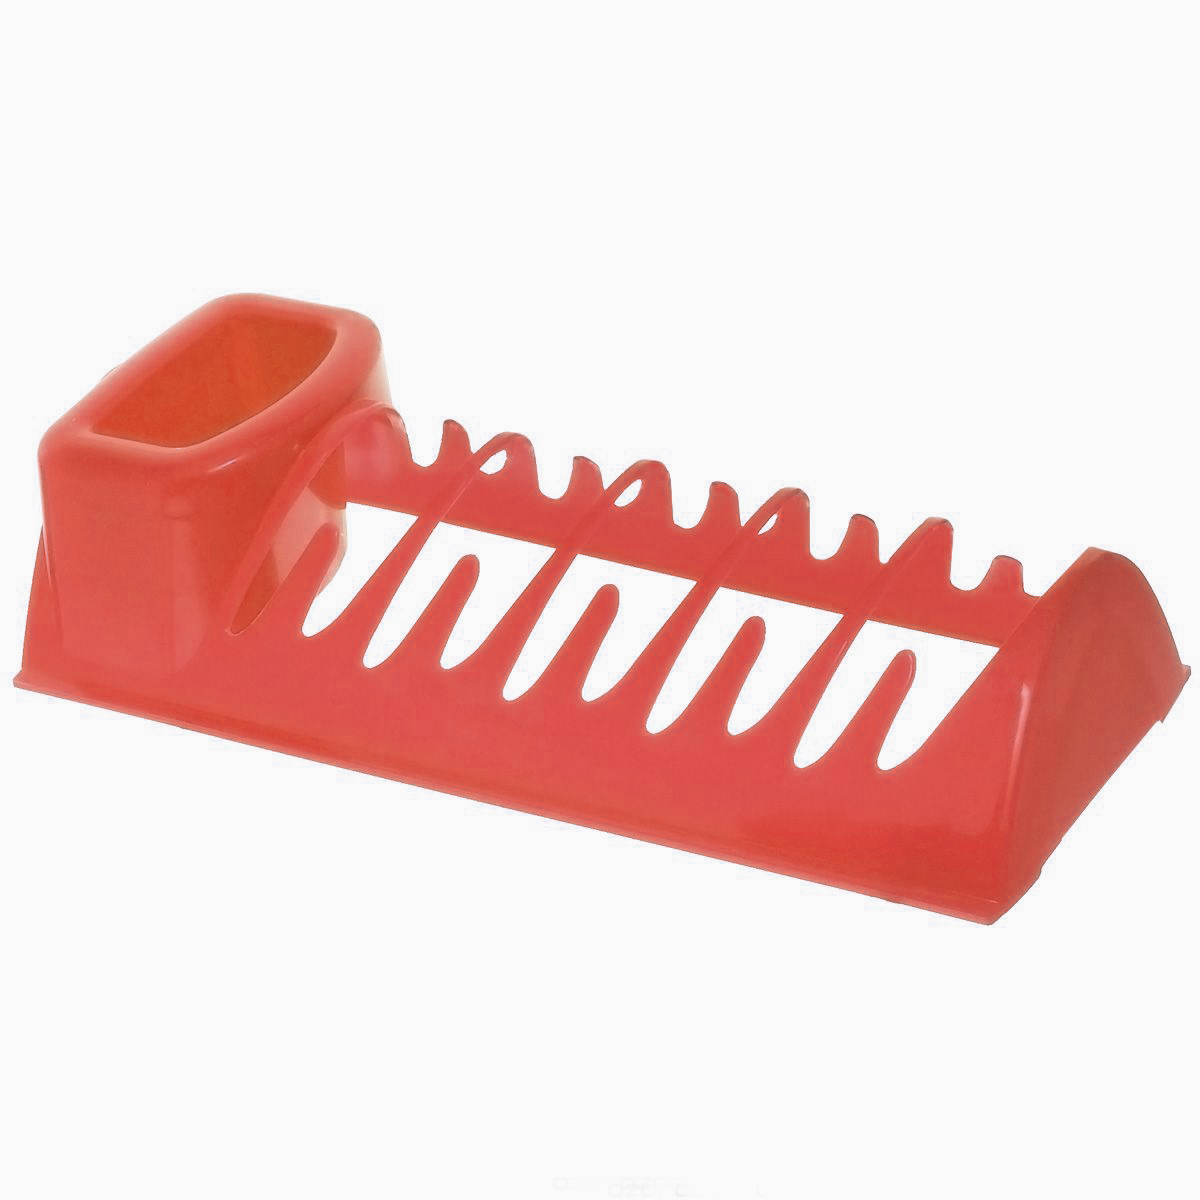 Сушилка для посуды Idea Эконом, цвет: красный, 34 см х 14,5 см х 8,5 см115510Сушилка для посуды Idea Эконом, выполненная из высококачественного пластика, представляет собой решетку с ячейками, в которые помещается посуда, и отделение для столовых приборов. Ваши тарелки высохнут быстро, если после мойки вы поместите их в легкую, яркую, современную пластиковую сушилку.